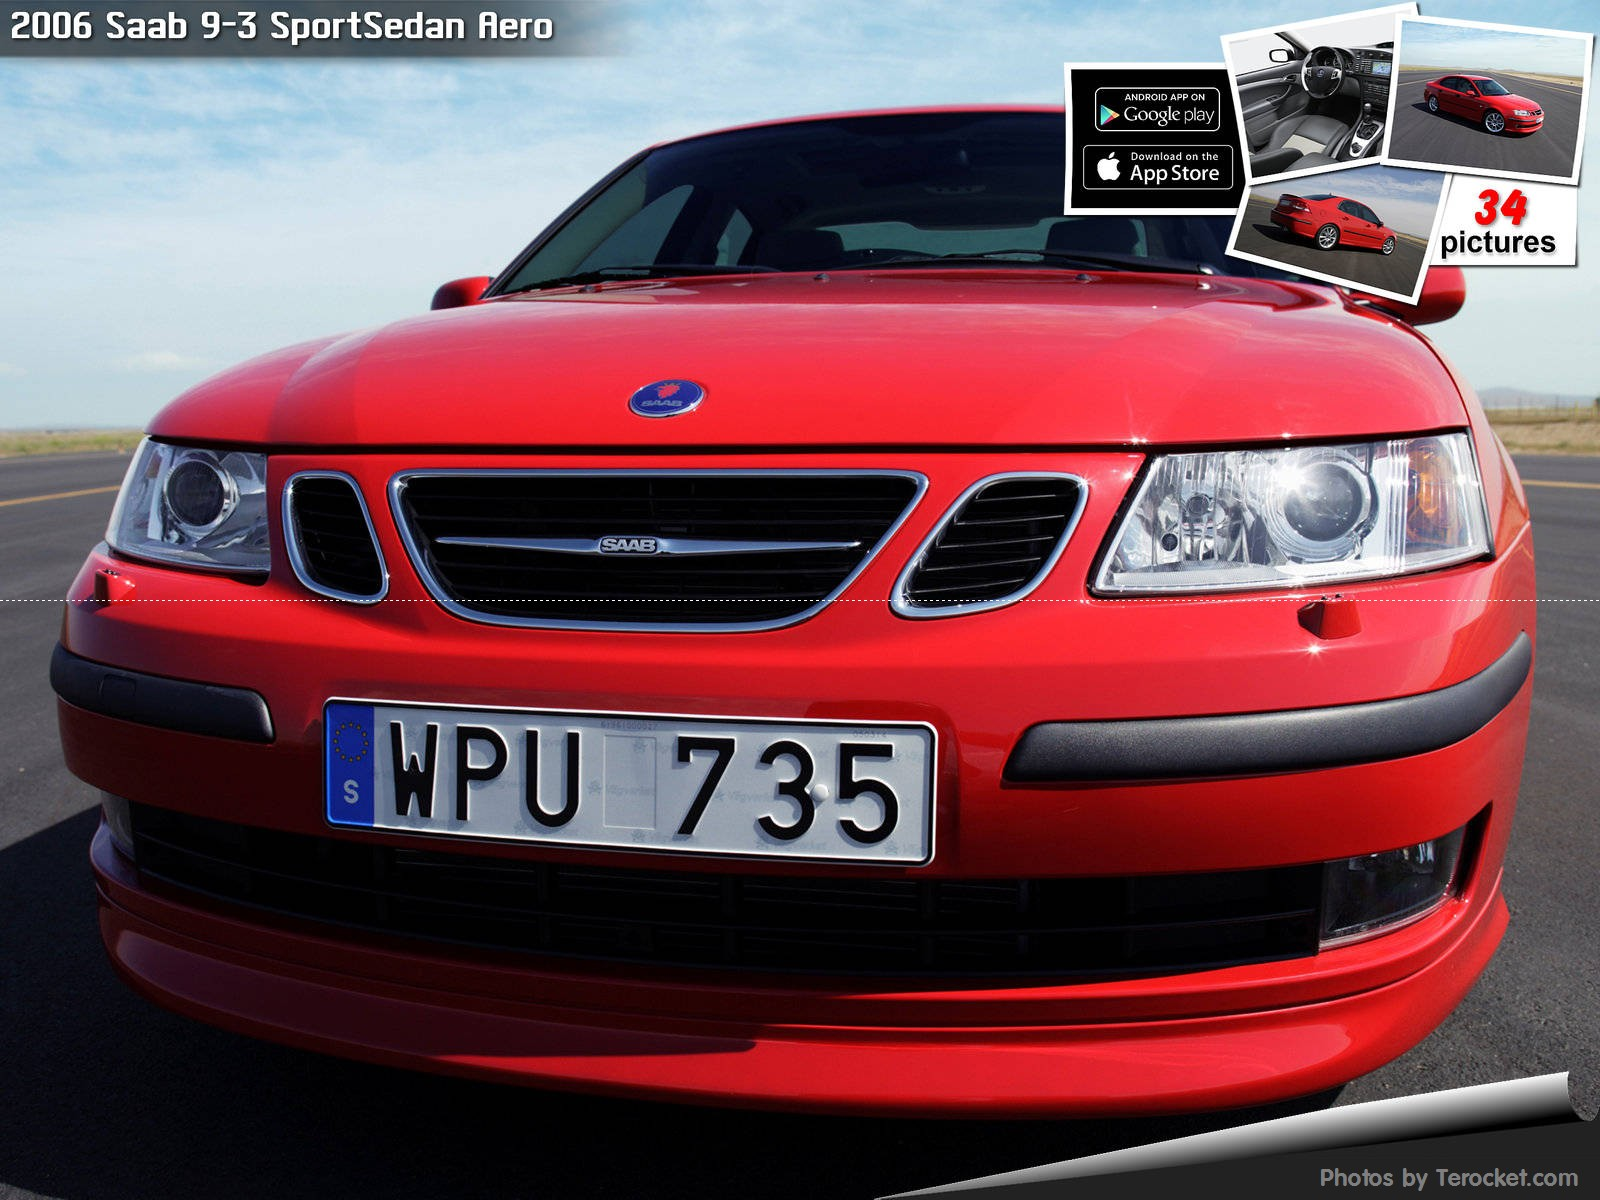 Hình ảnh xe ô tô Saab 9-3 SportSedan Aero 2006 & nội ngoại thất